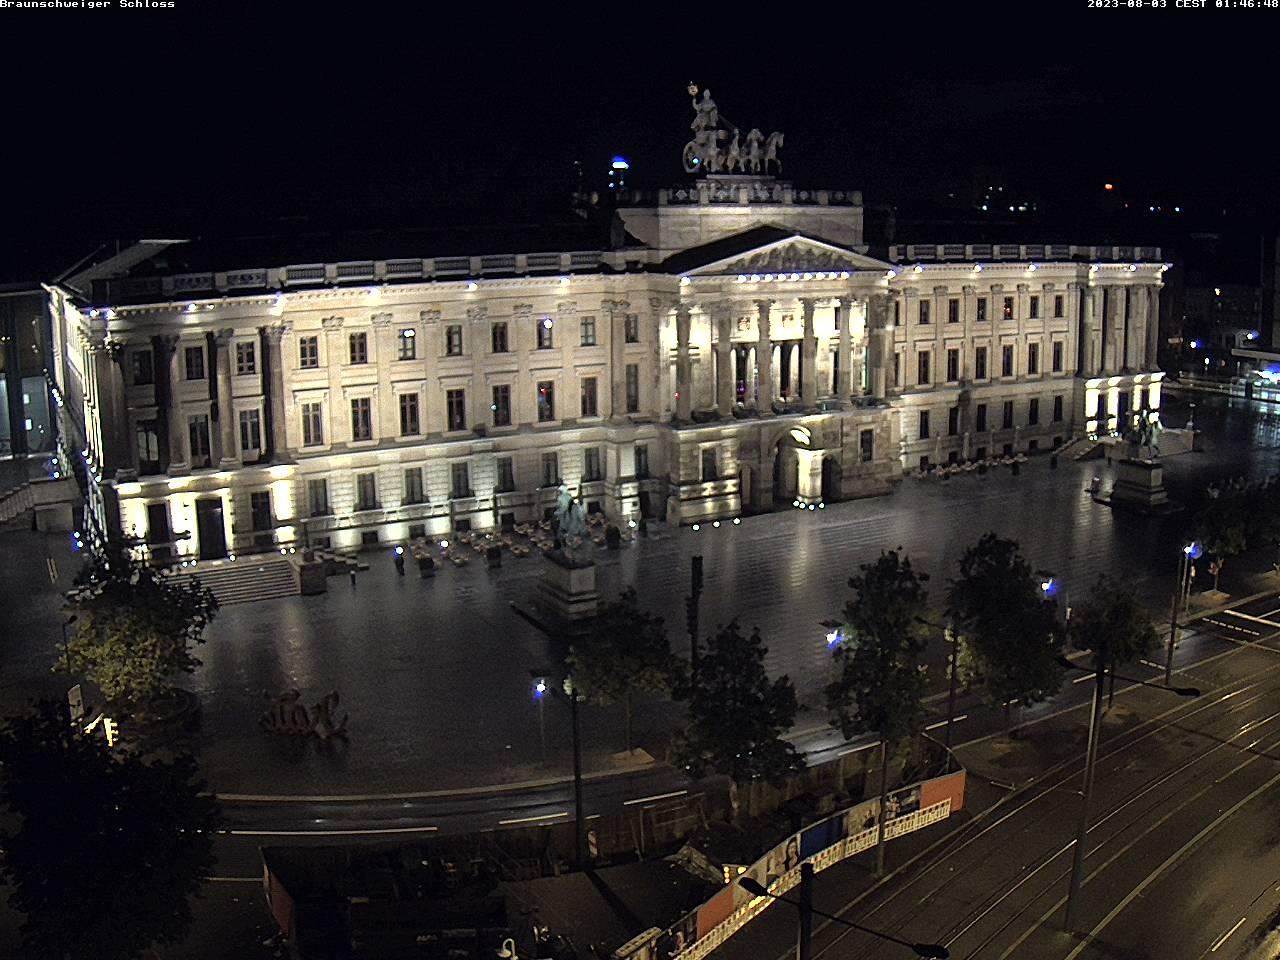 Braunschweig Tue. 01:47